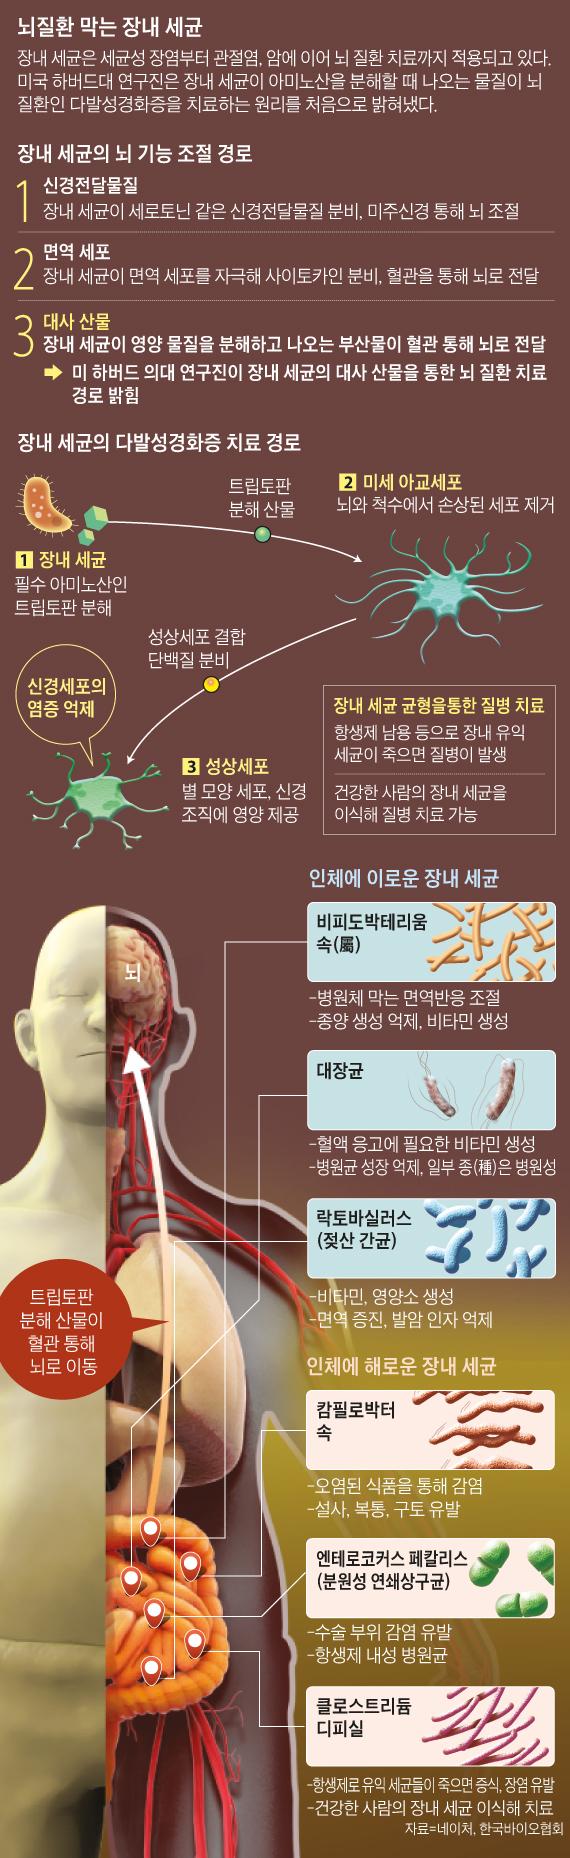 뇌질환 막는 장내 세균